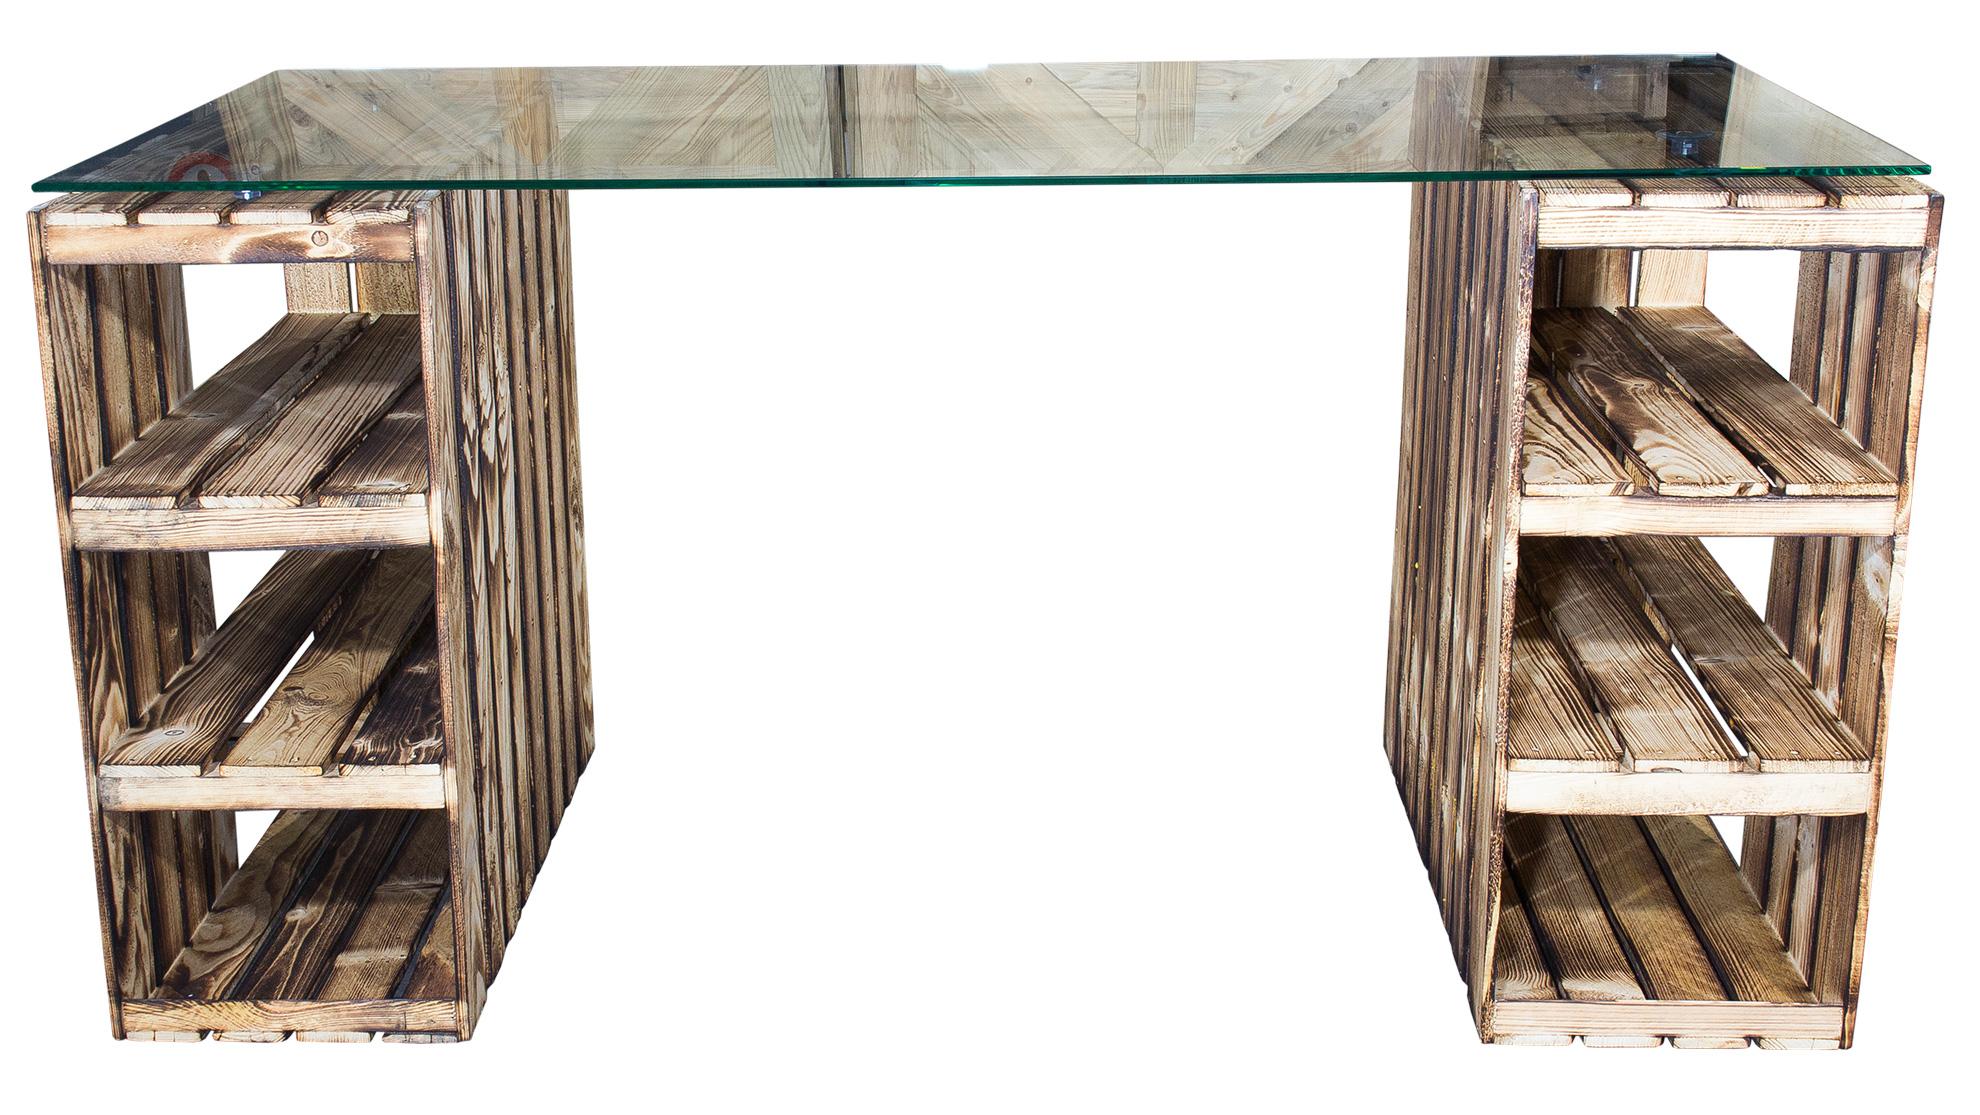 schreibtische schreibtisch mit geflammten holzkisten glasplatte 150x70x75cm. Black Bedroom Furniture Sets. Home Design Ideas